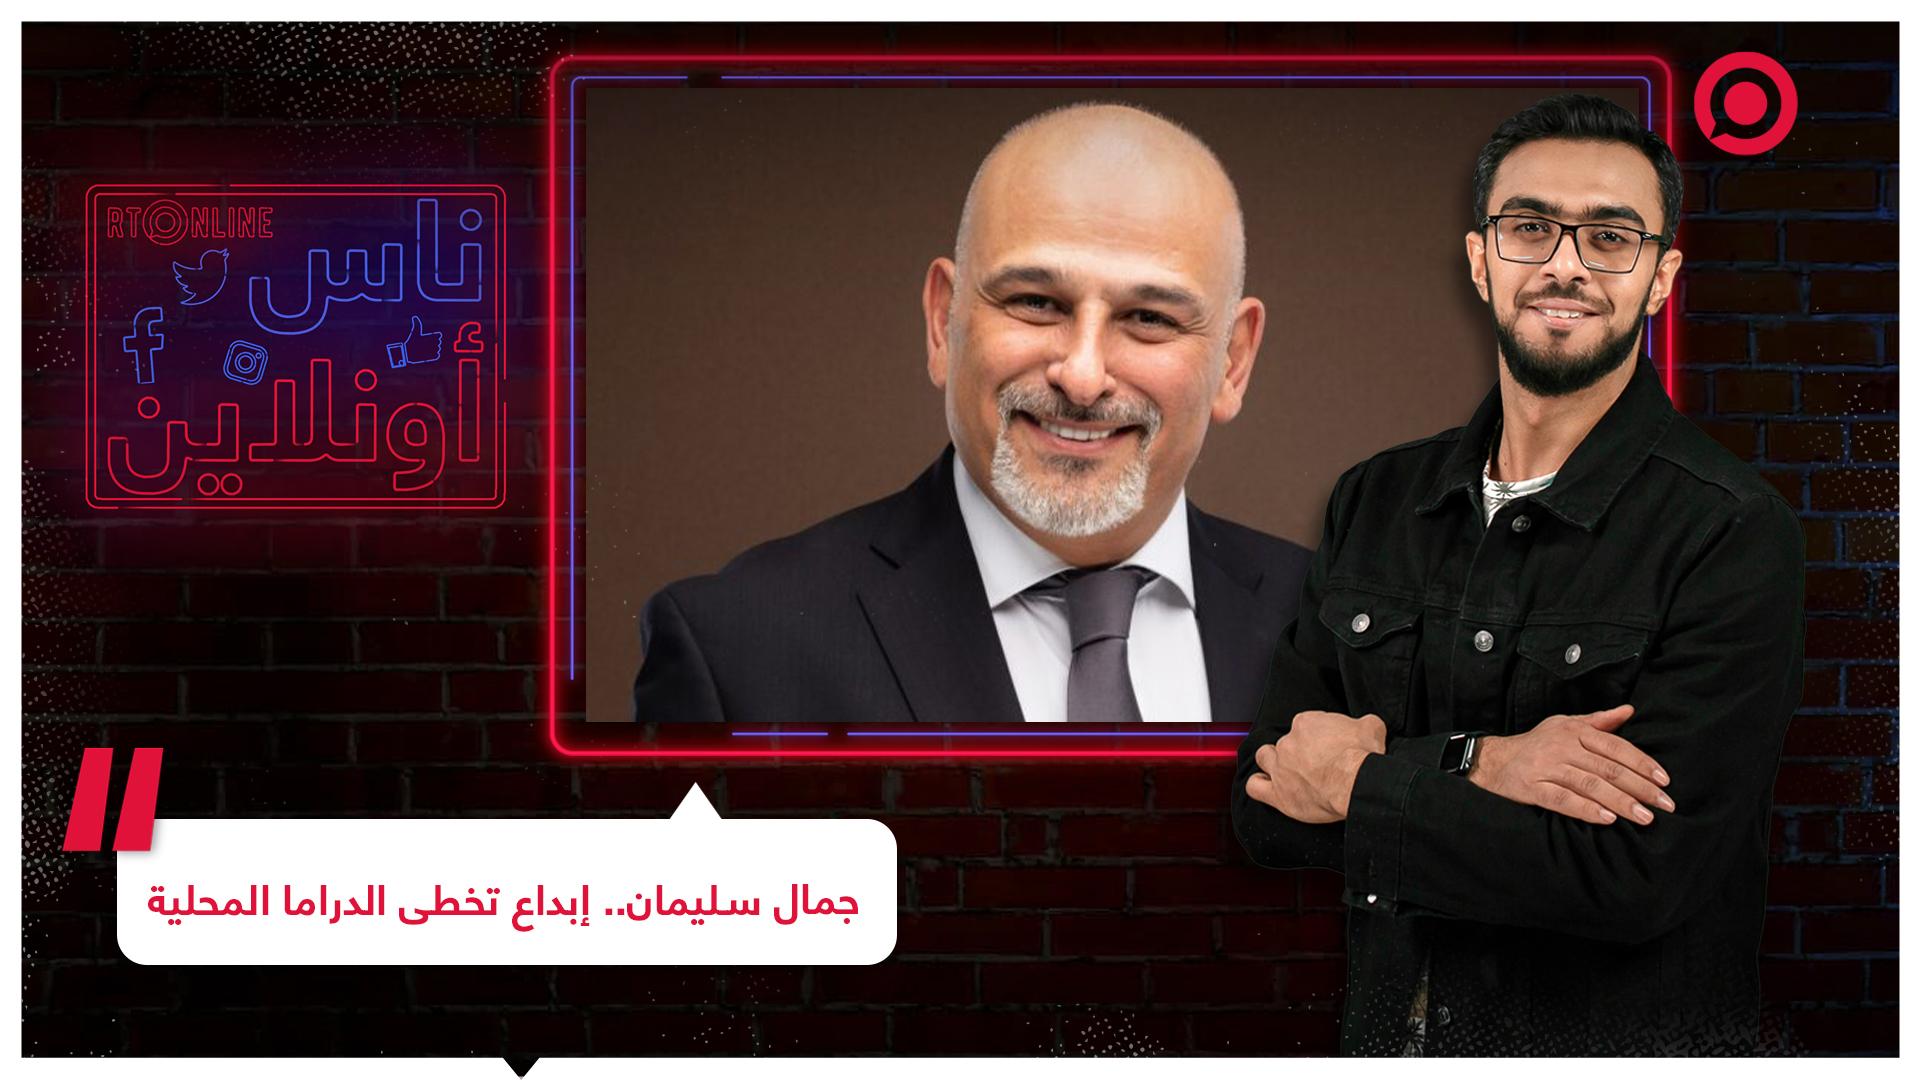 الفنان السوري جمال سليمان.. إبداع تخطى حدود الدراما المحلية